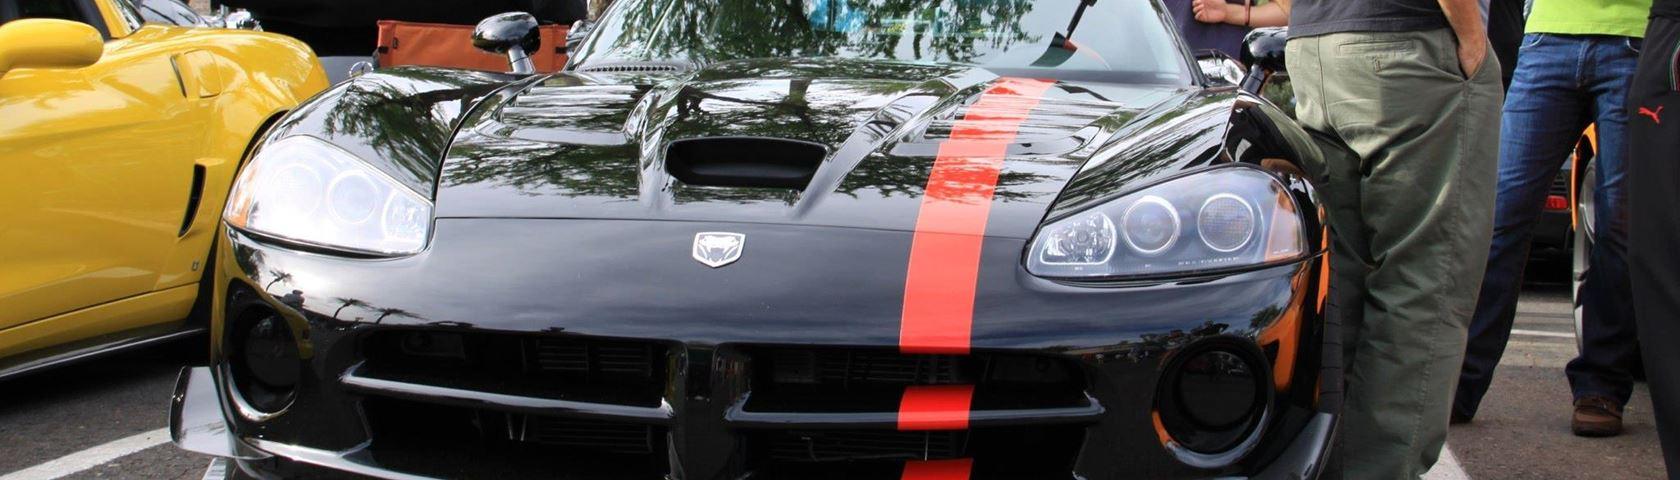 Dodge ACR Viper